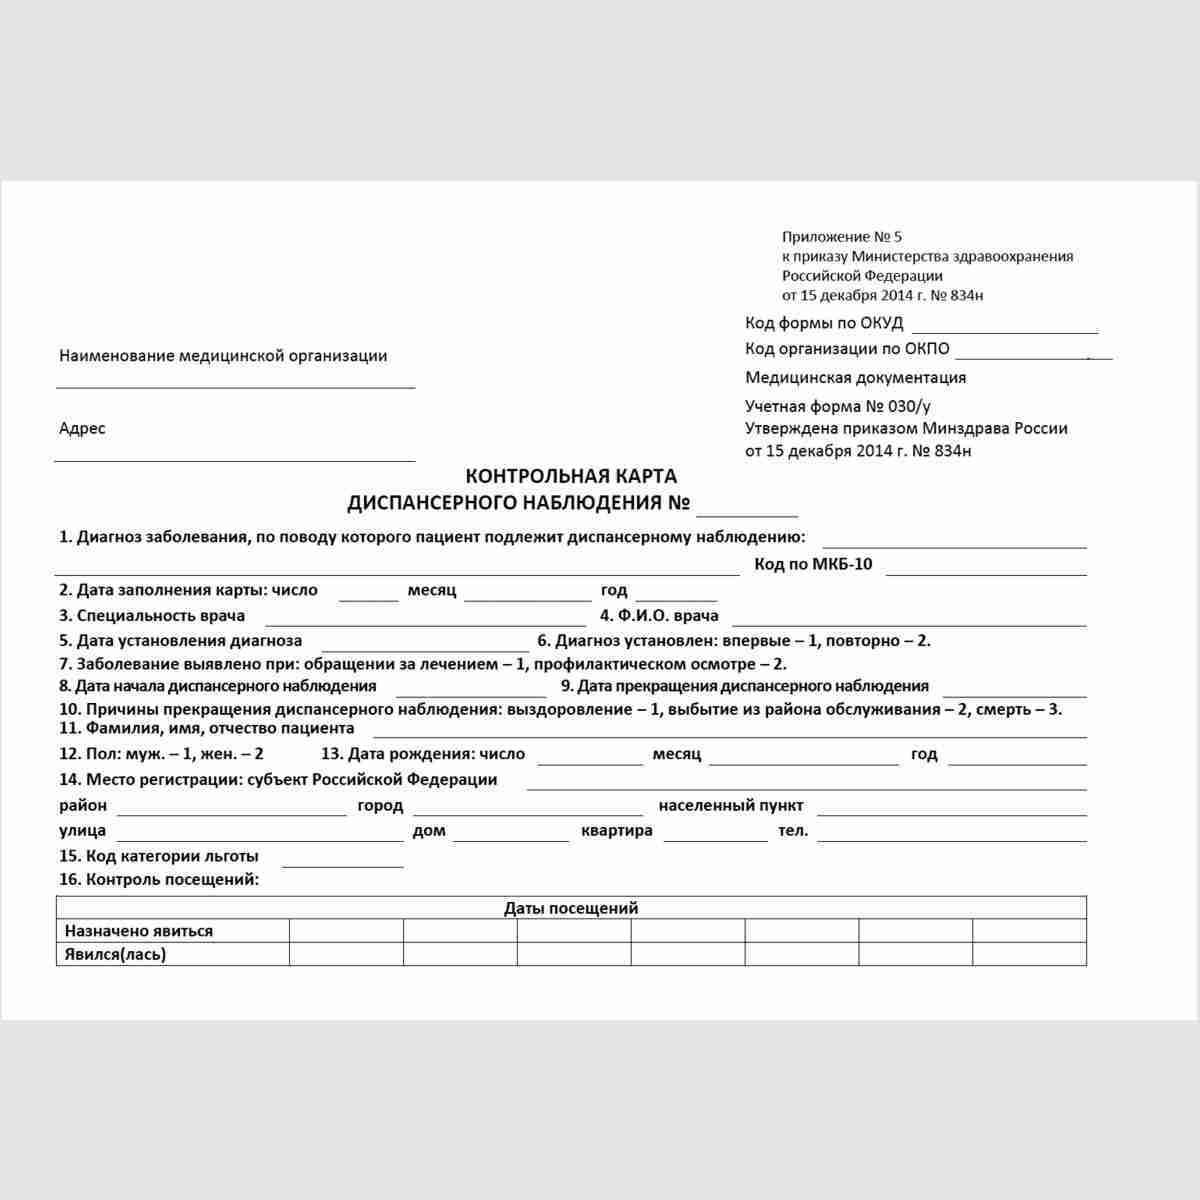 """Учетная форма №030/у """"Контрольная карта диспансерного наблюдения"""". Лицевая сторона"""